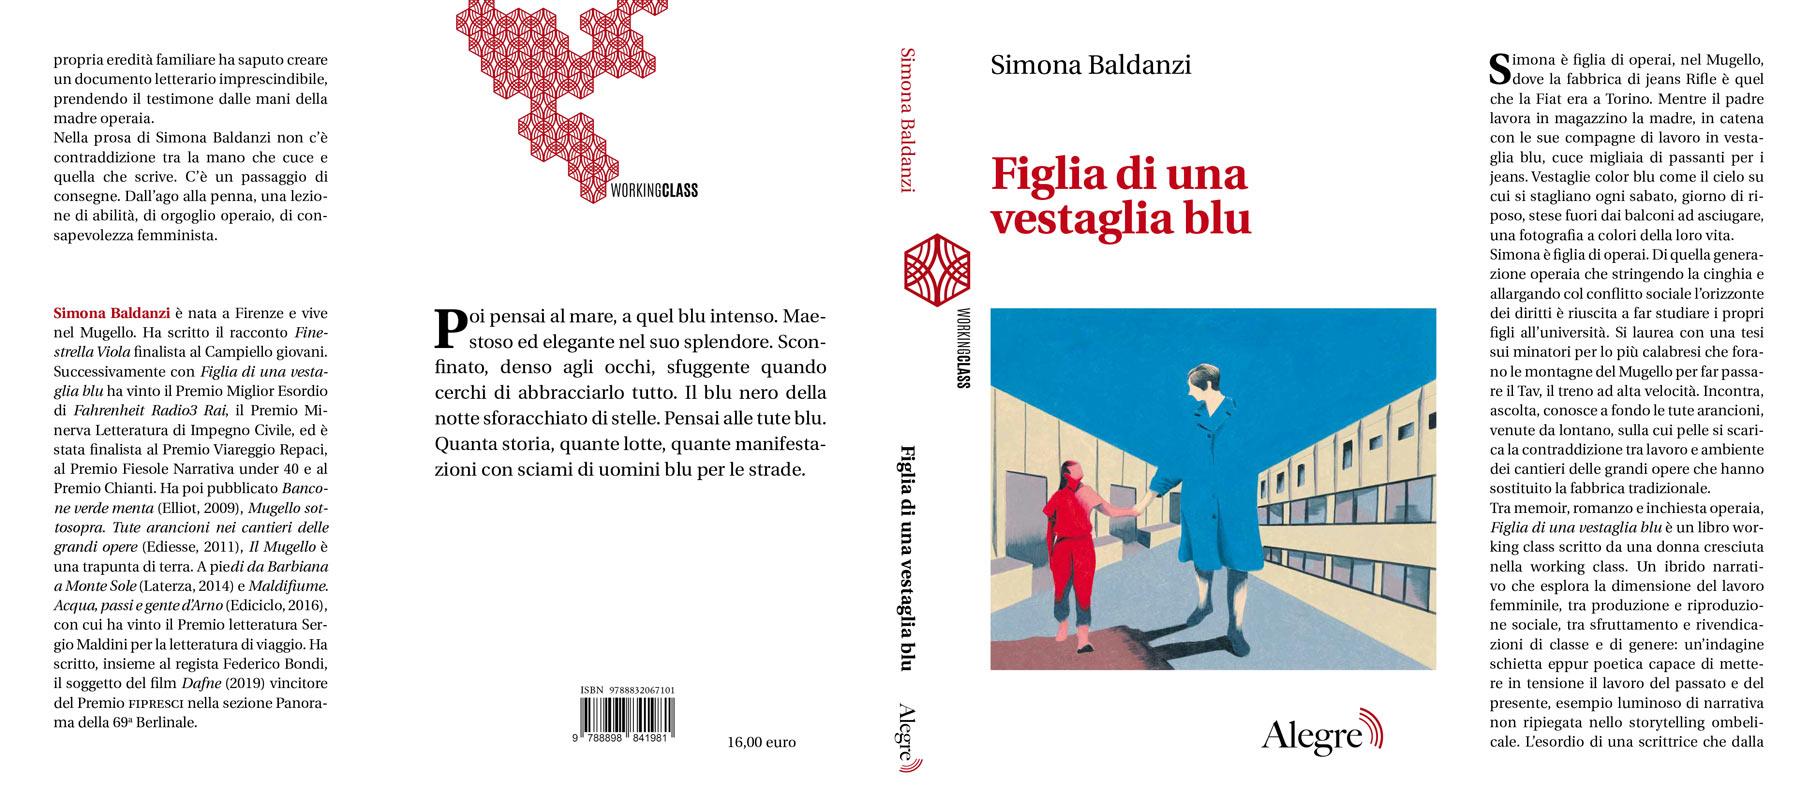 Simona Baldanzi, Figlia di una vestaglia blu, stesa